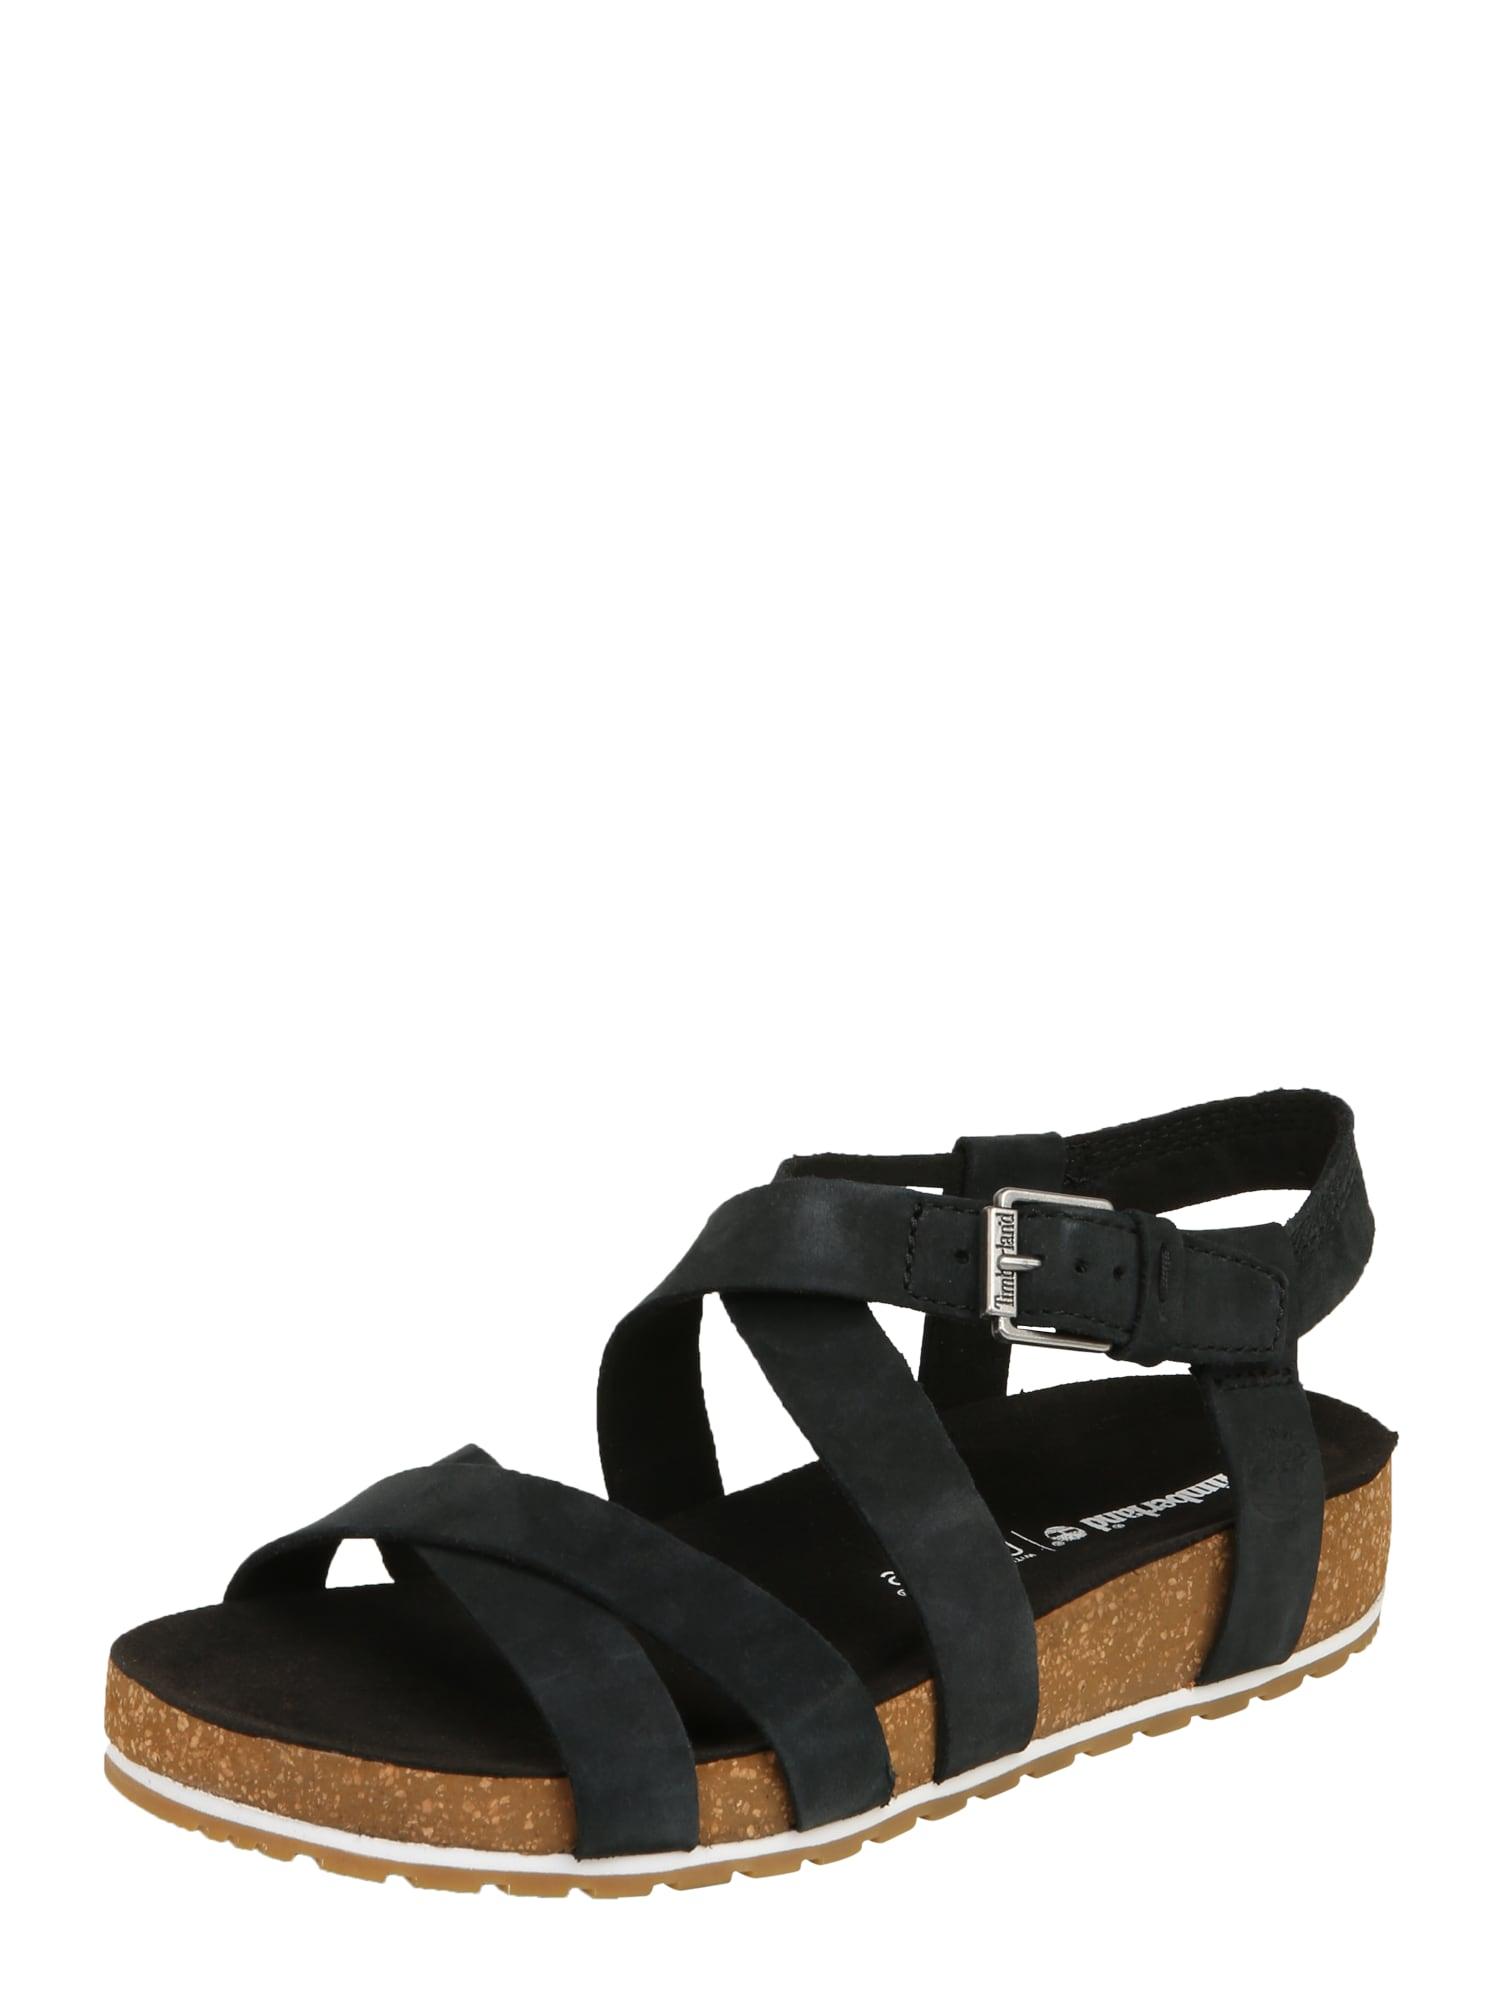 Páskové sandály Malibu Waves černá TIMBERLAND